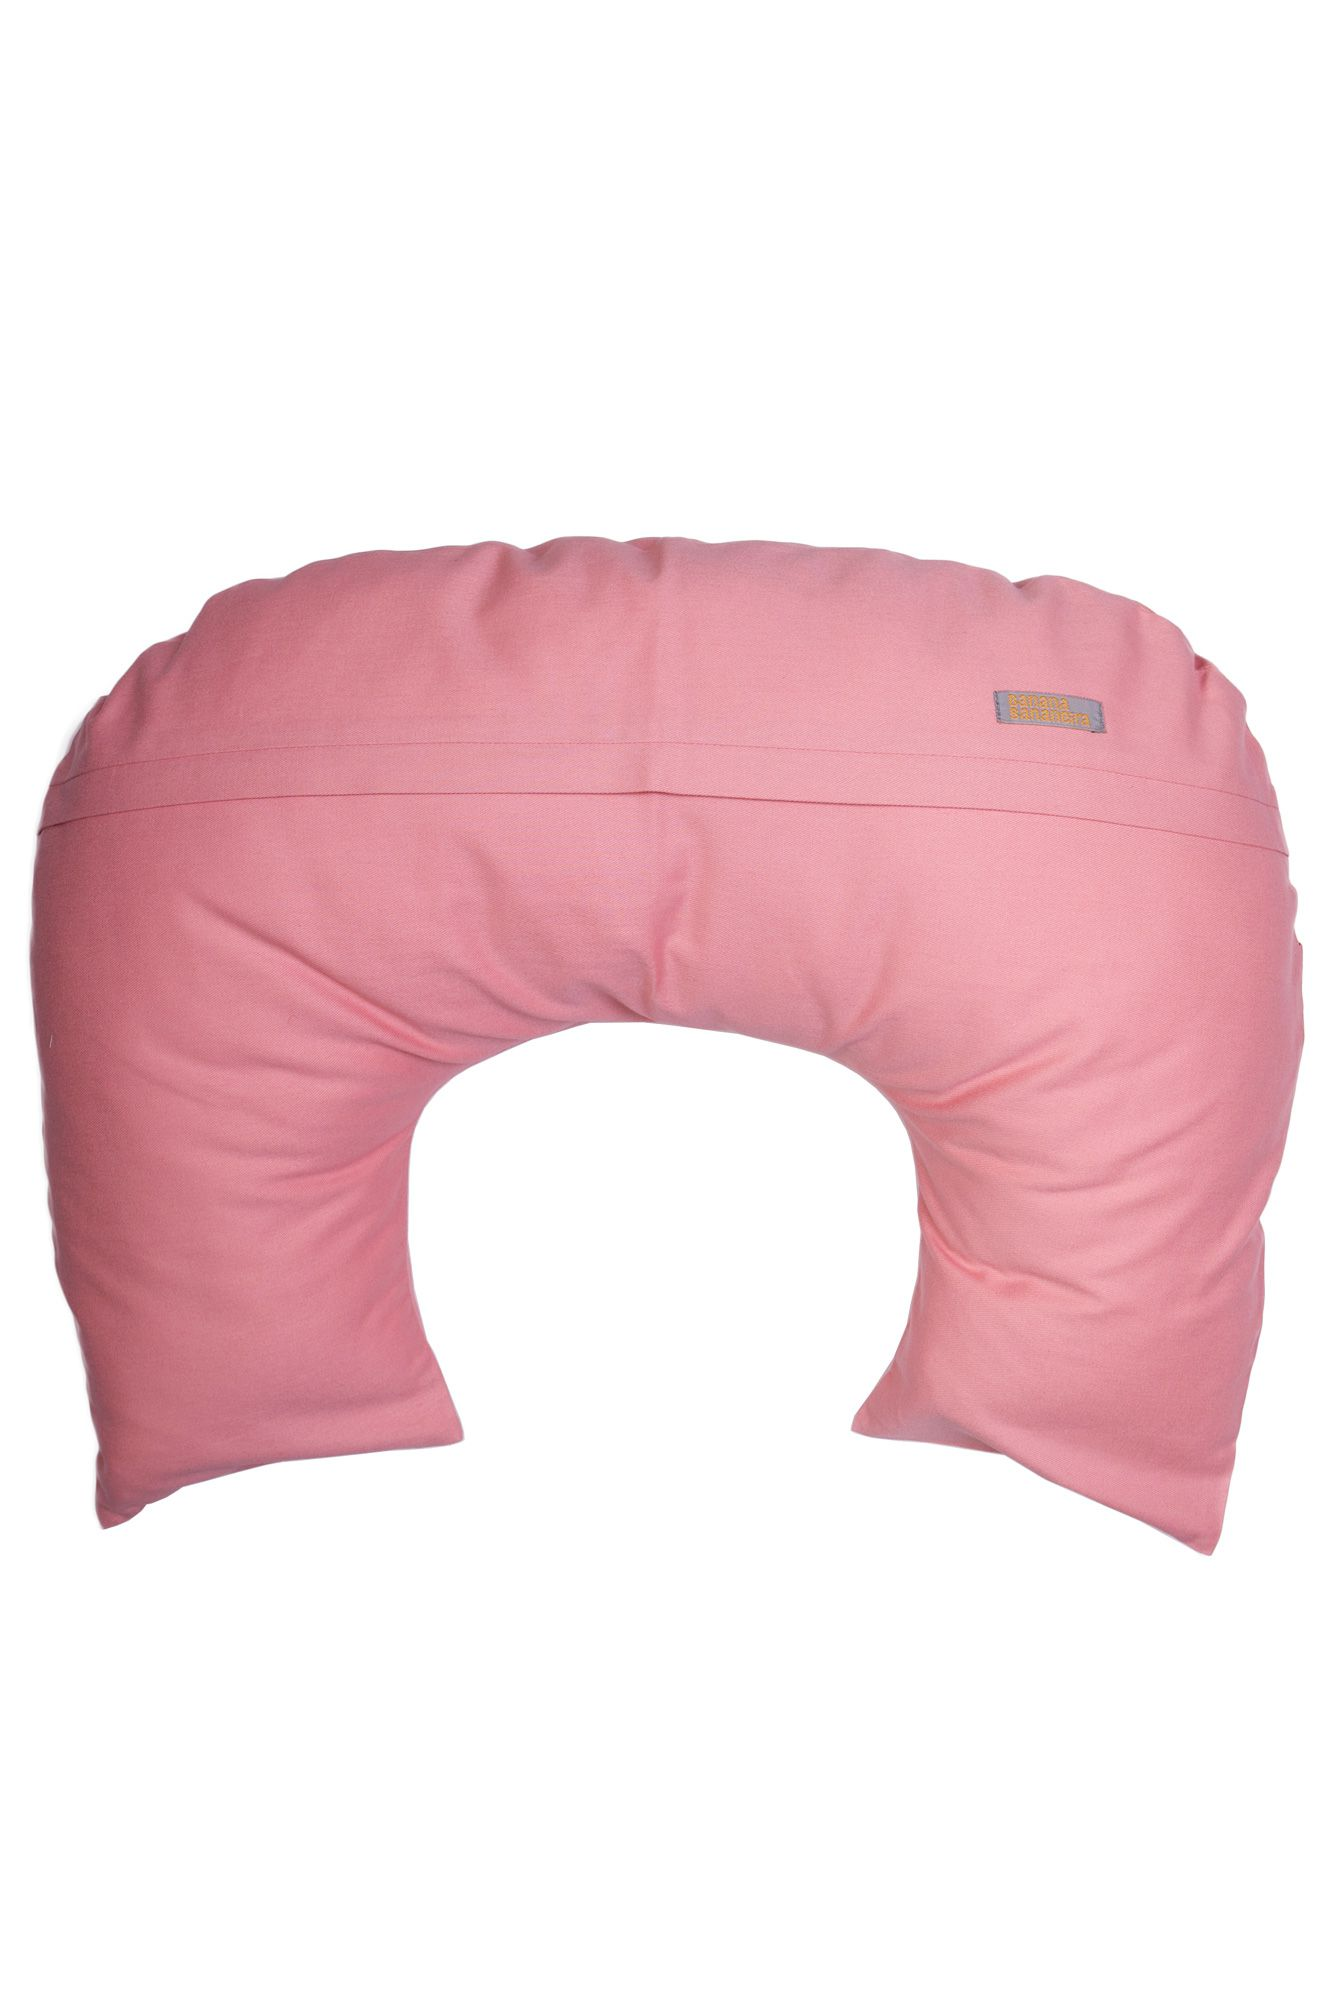 Almofada de amamentação rosa